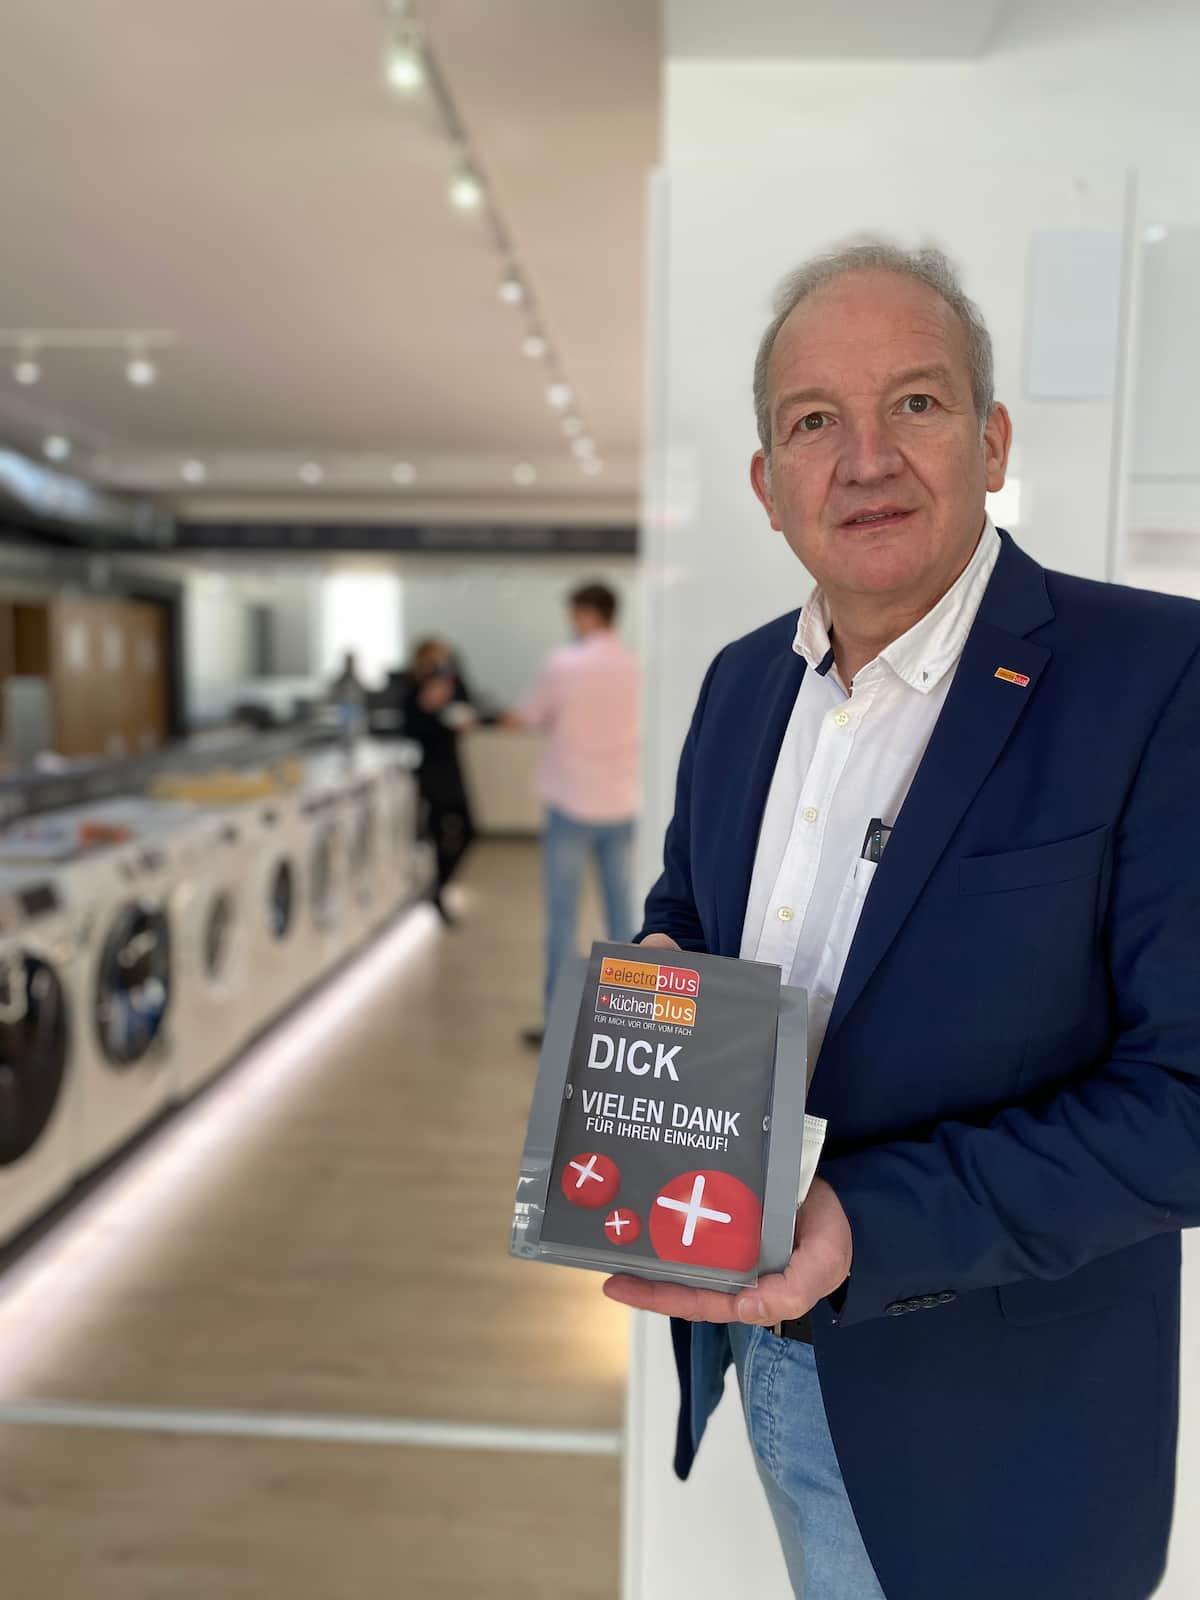 Horst-Werner Dick ist Kaufmann mit strategischer Weitsicht und electroplus-Markenstorebetreiber in Bad Kreuznach und Ingelheim.